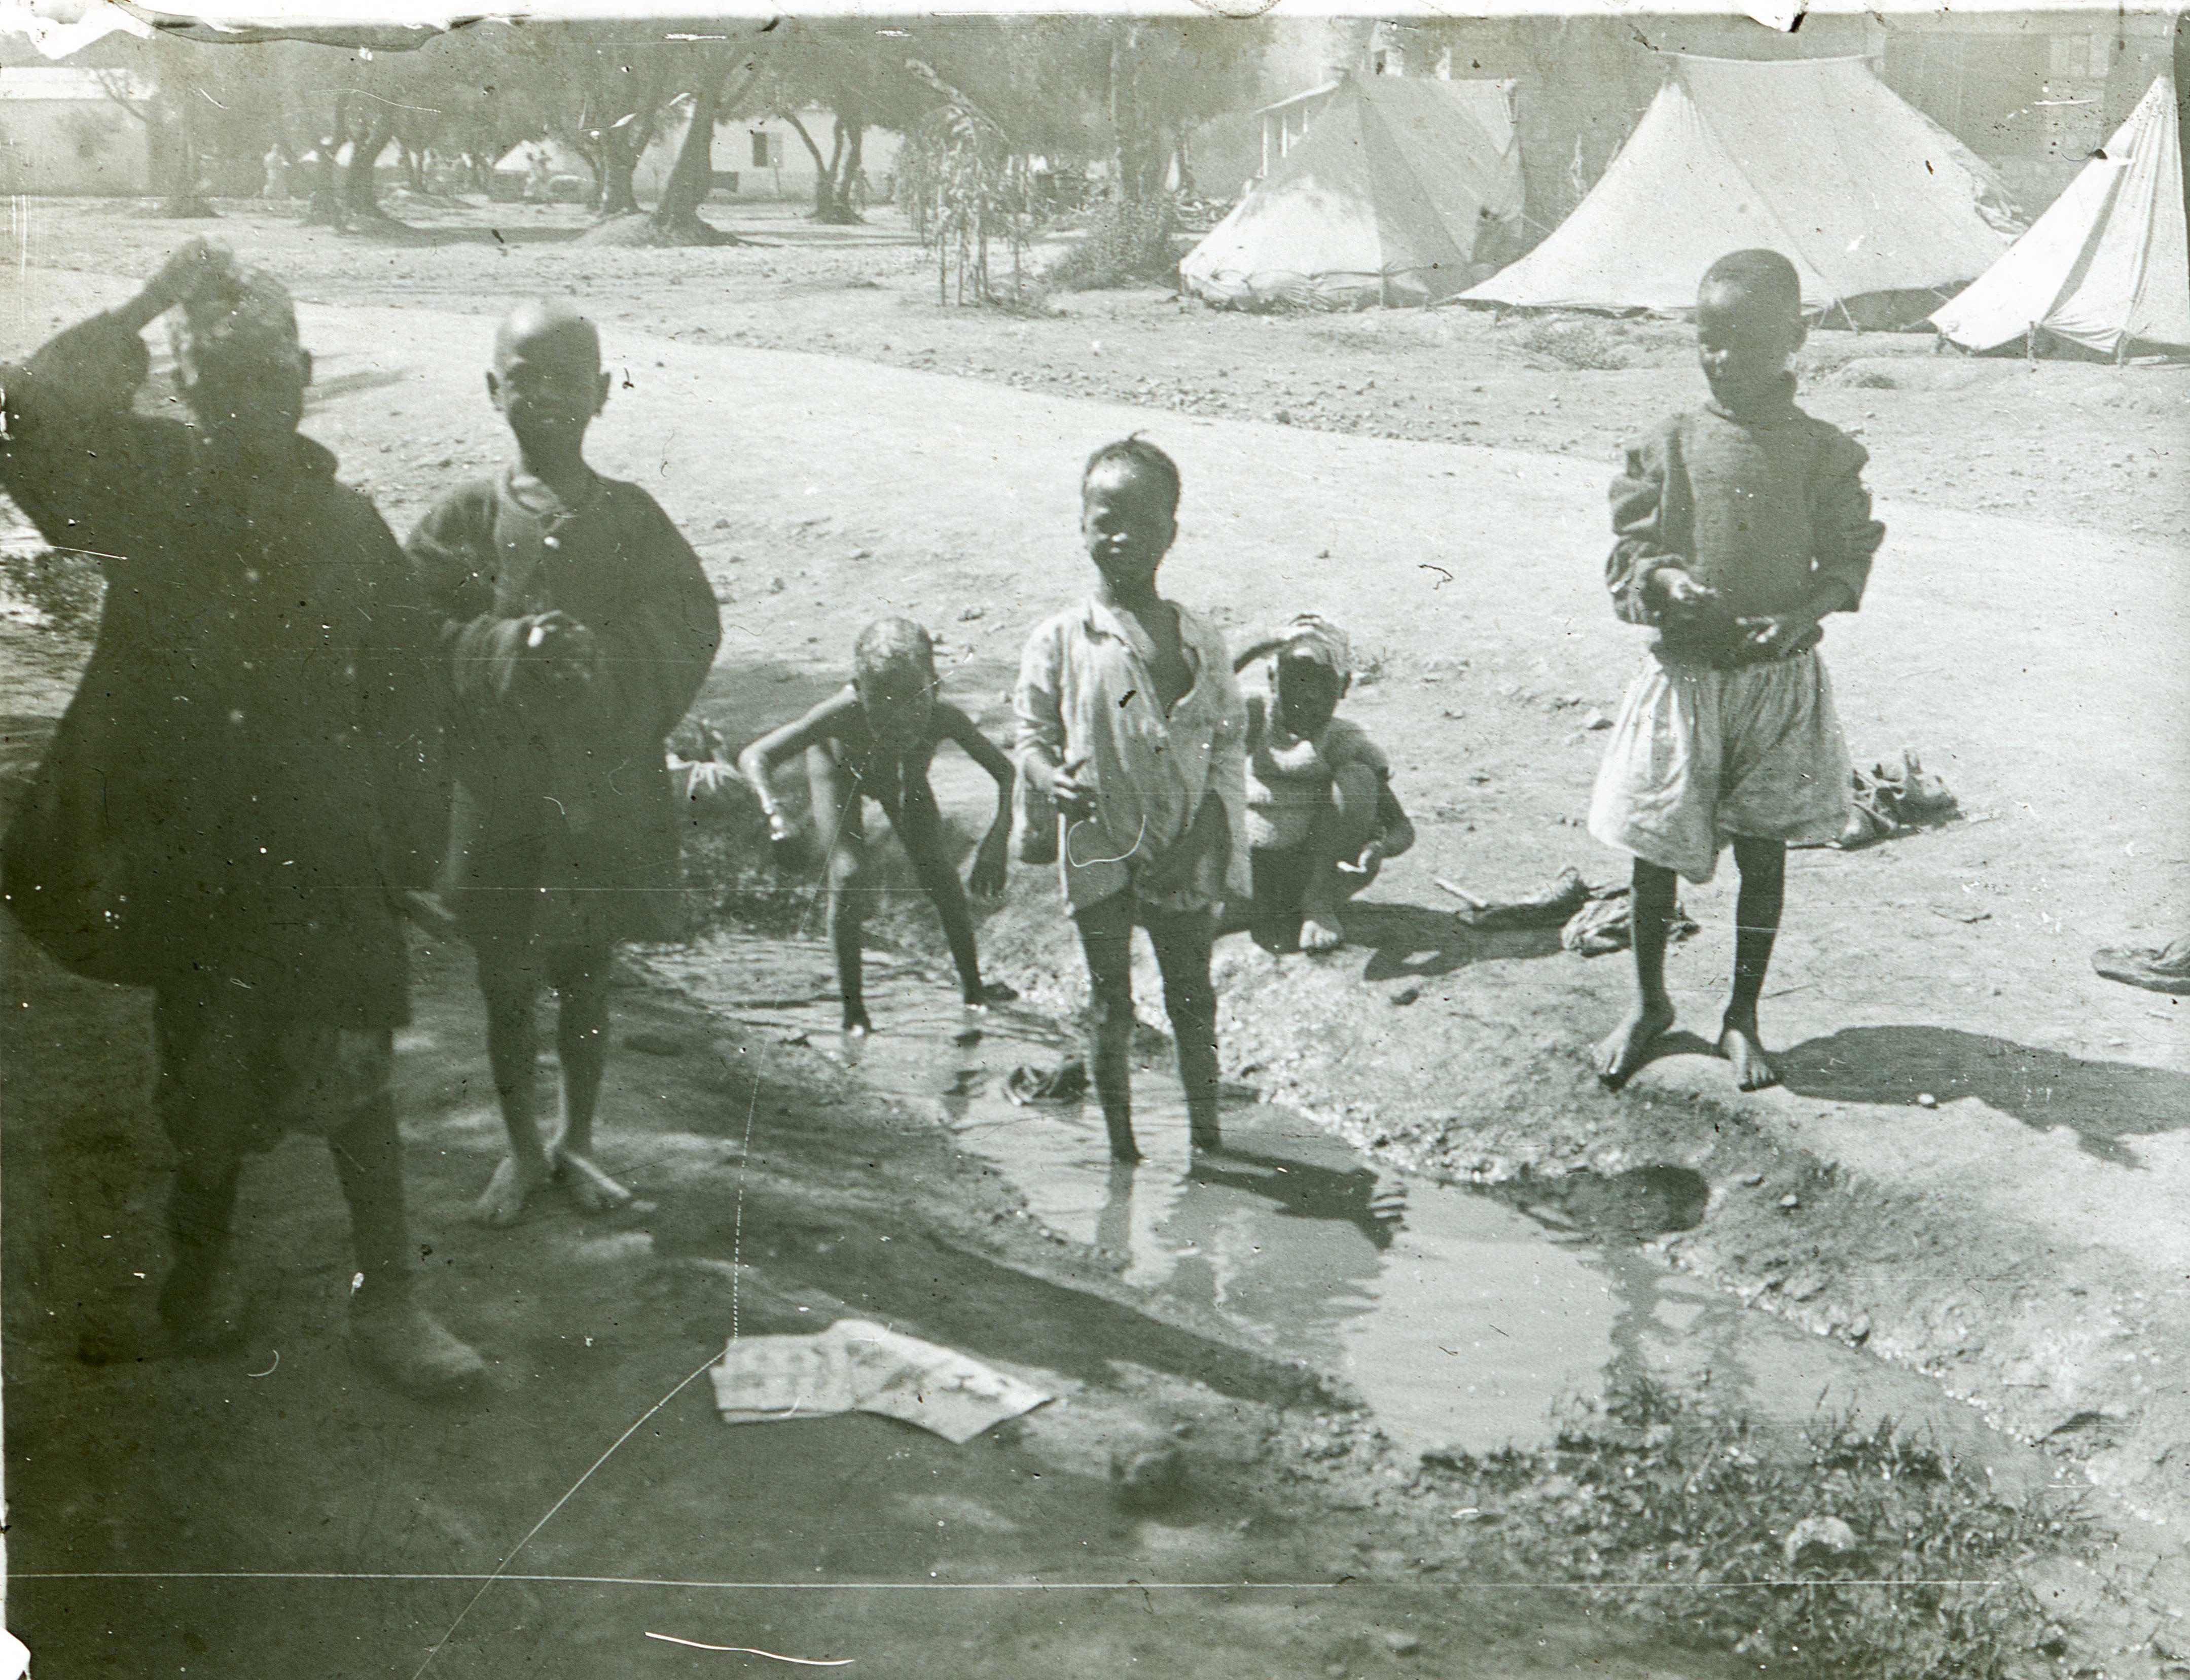 Enfants de tirailleurs africains - Maroc 1915